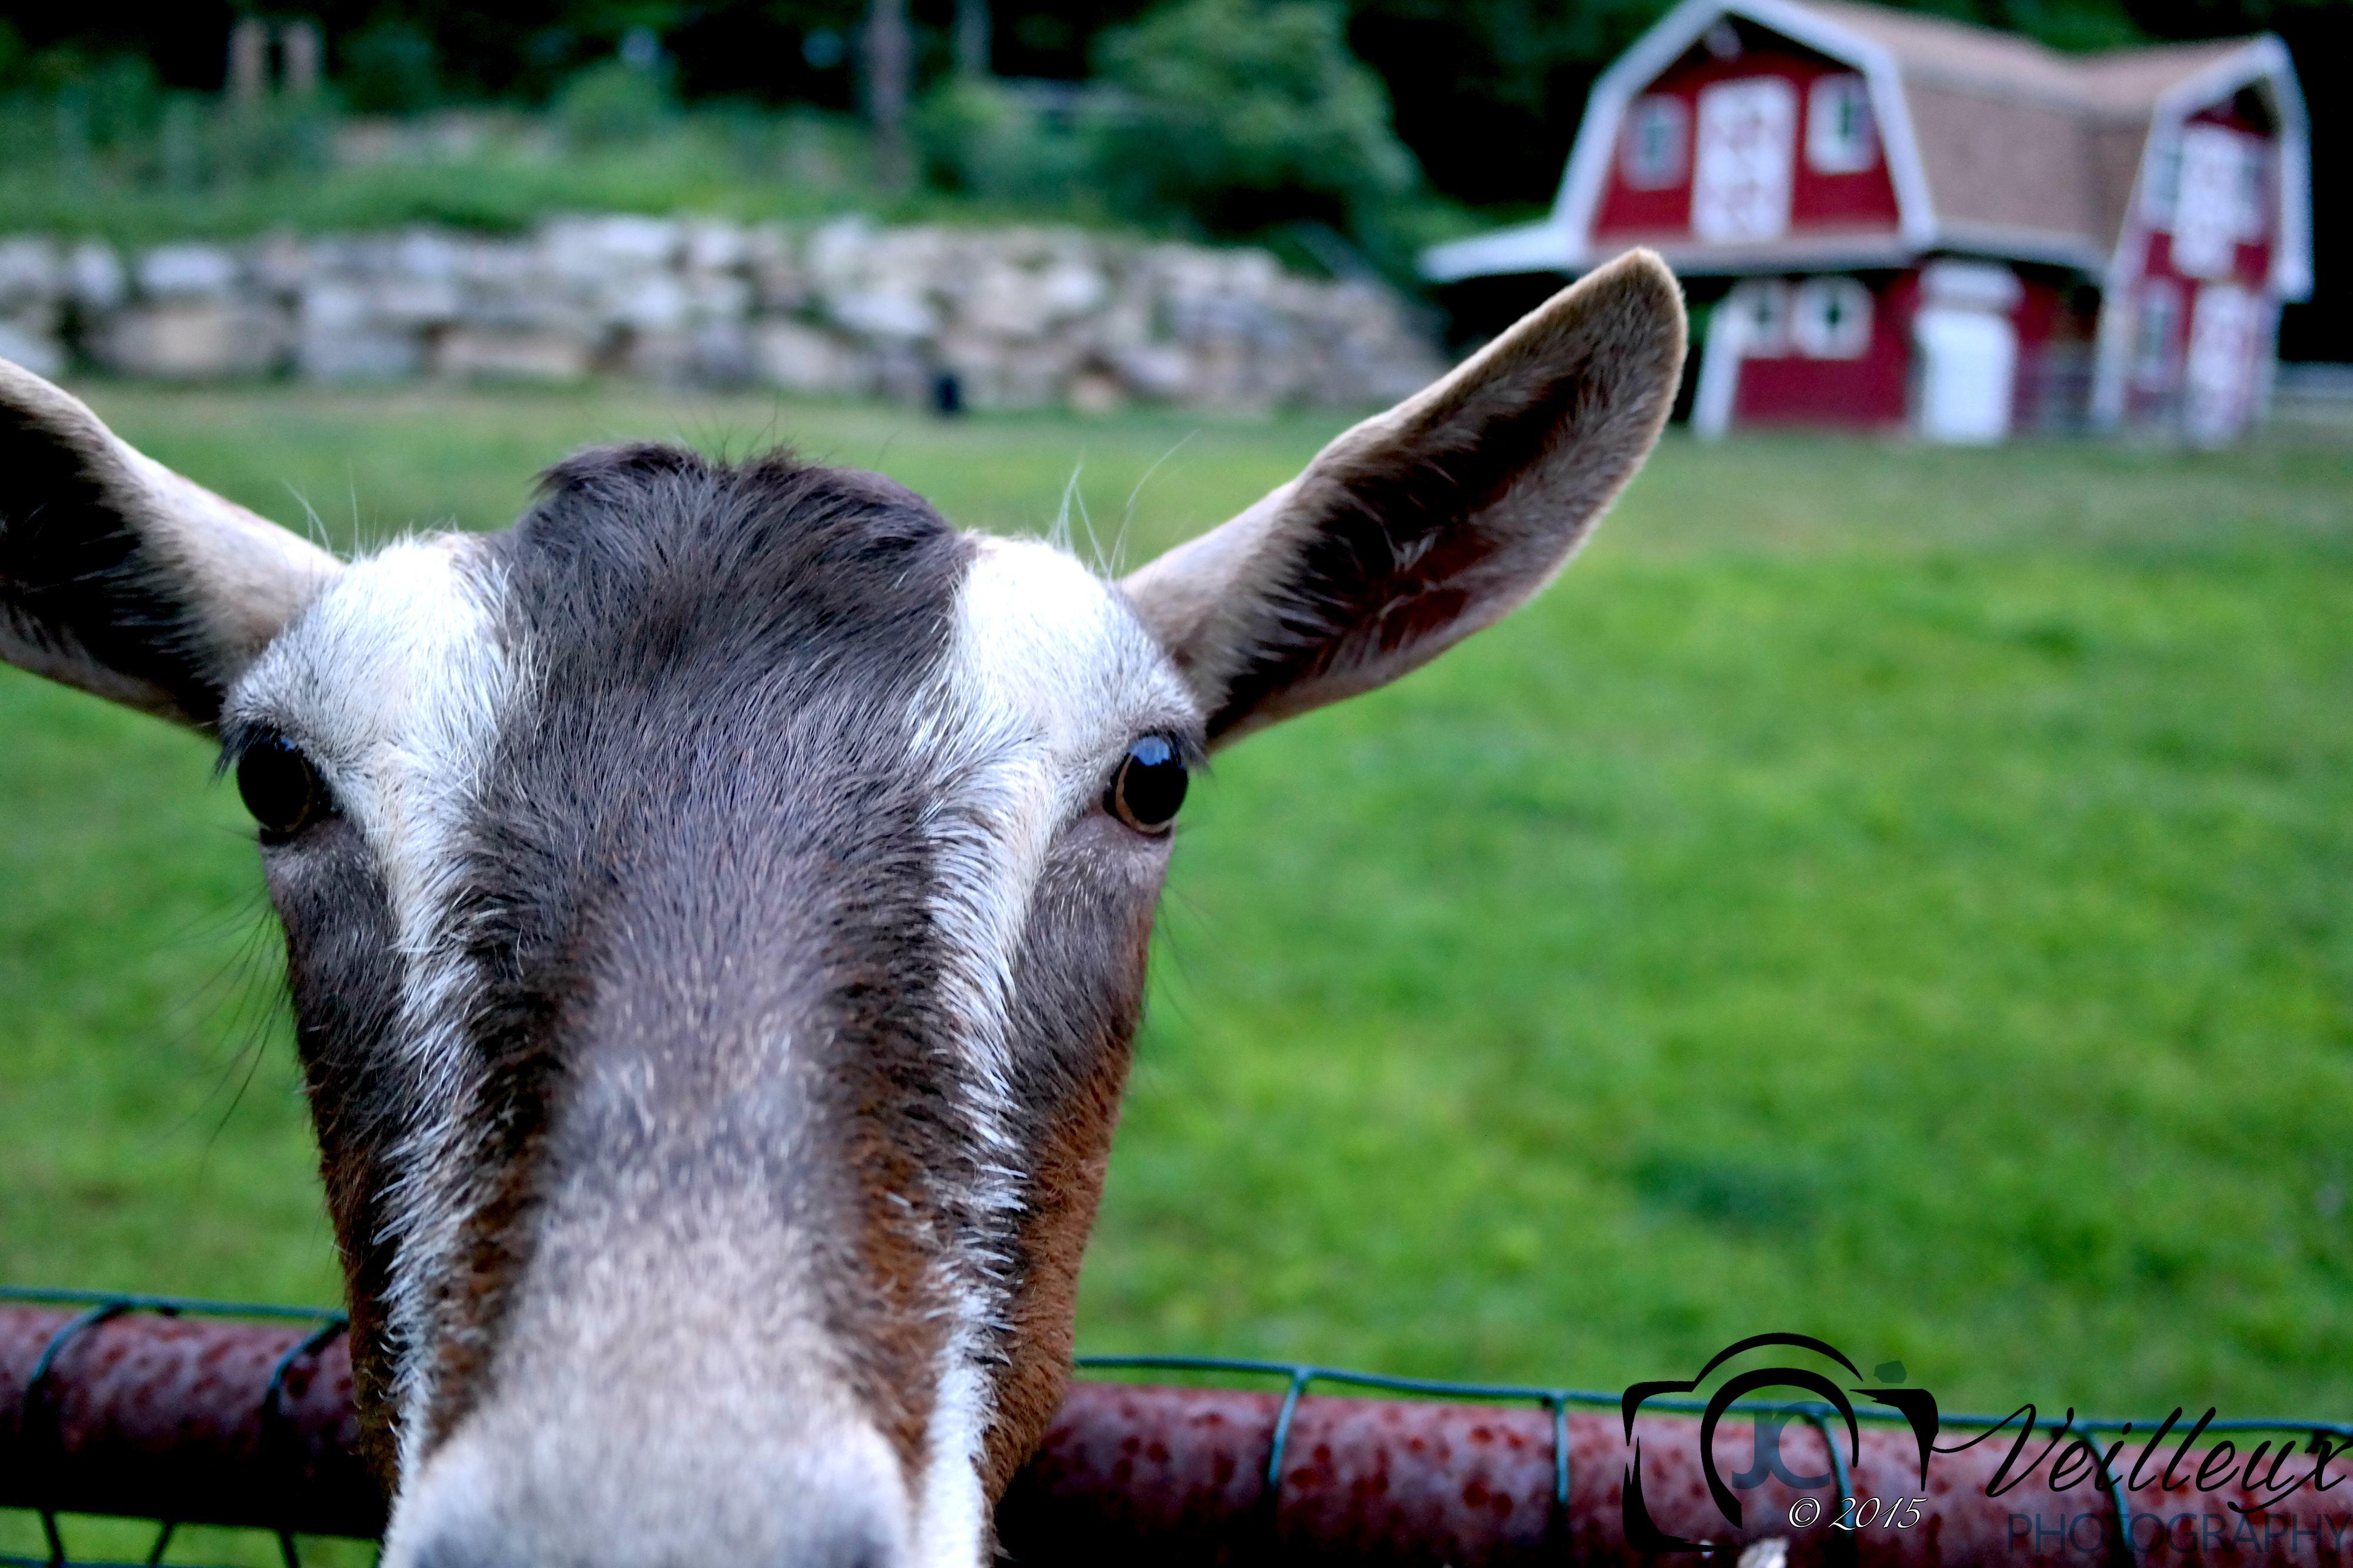 Sarah's Goat No. 1